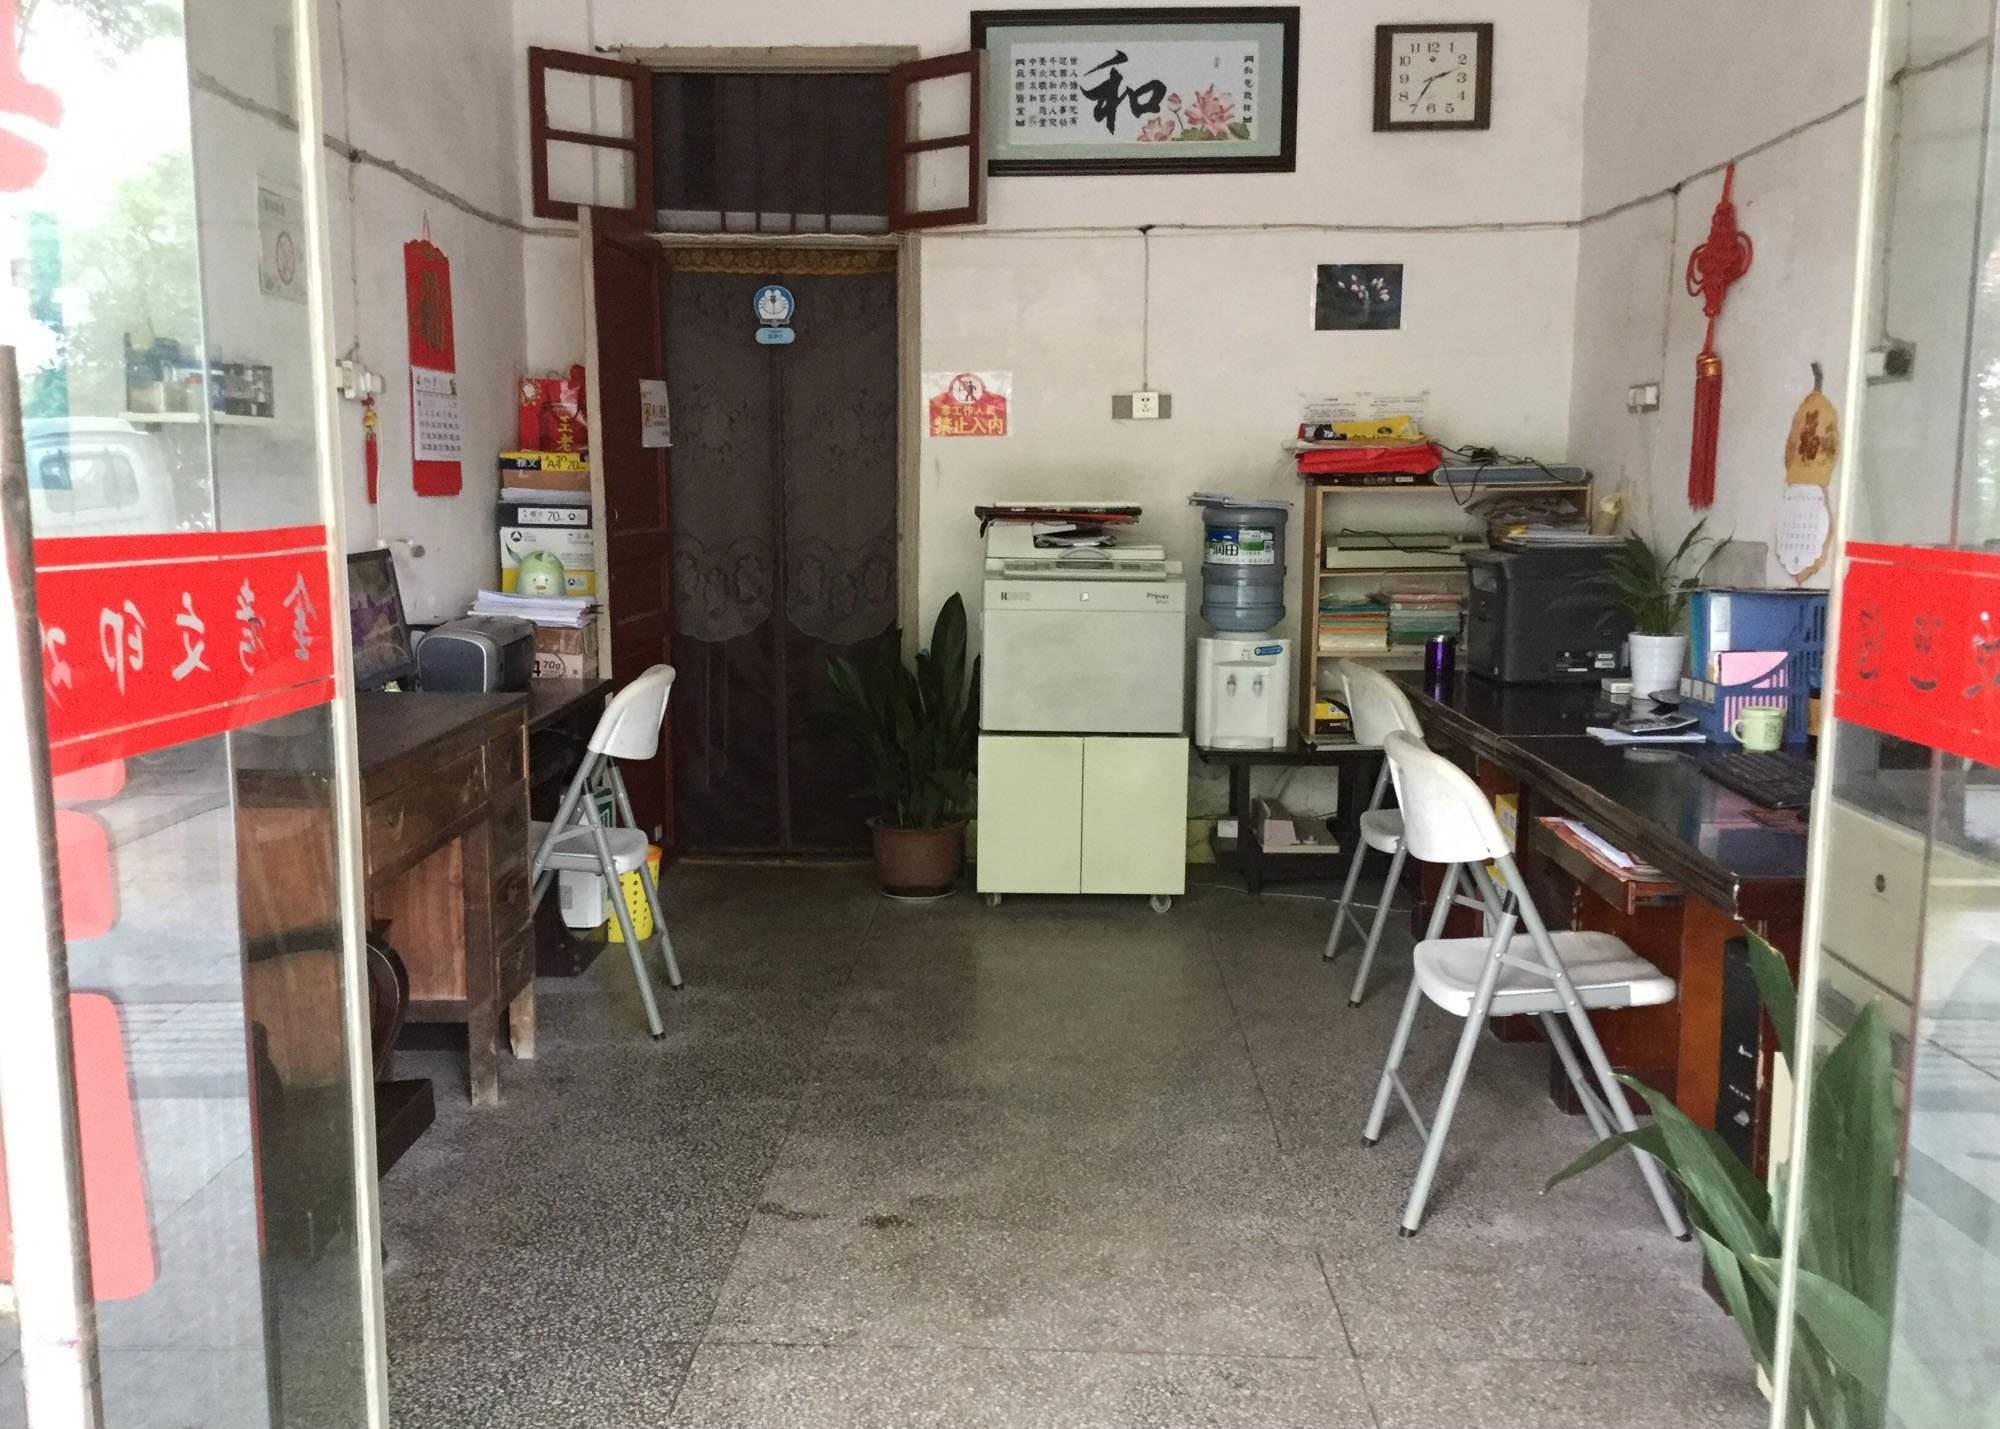 十个打印店8个新化人开,夫妻开店成标配北京普利建筑设计图片